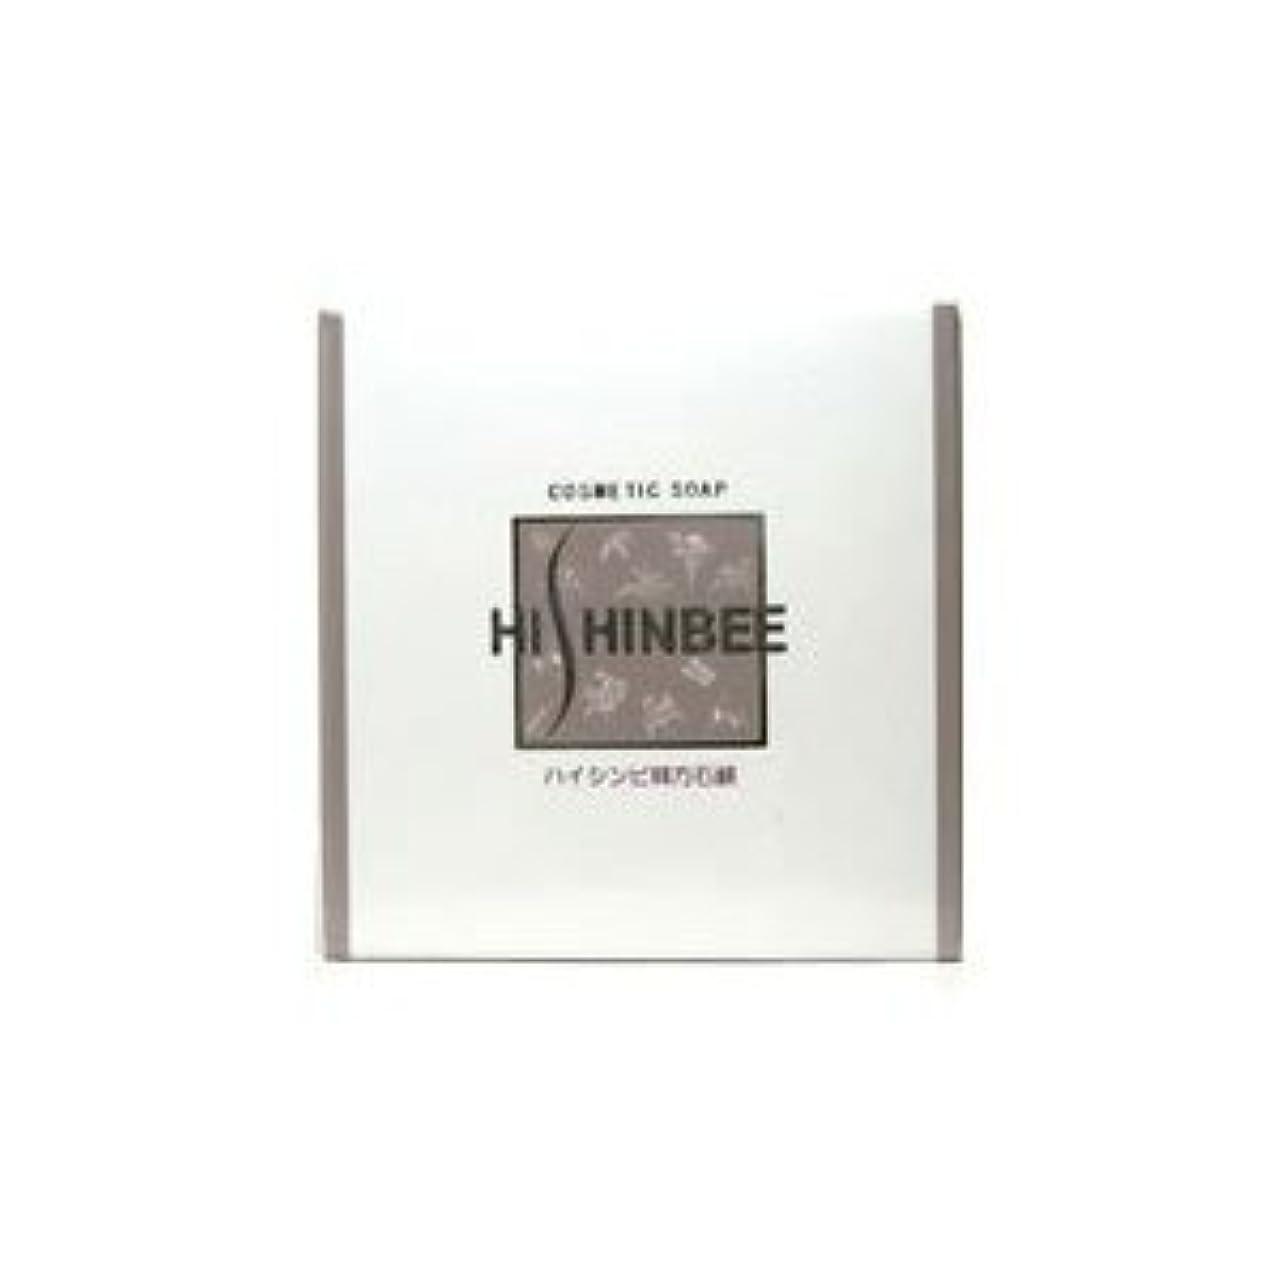 収容する酸化する壊す★韓国産★ハイシンビ 韓方石鹸 120g 1BOX(24個)